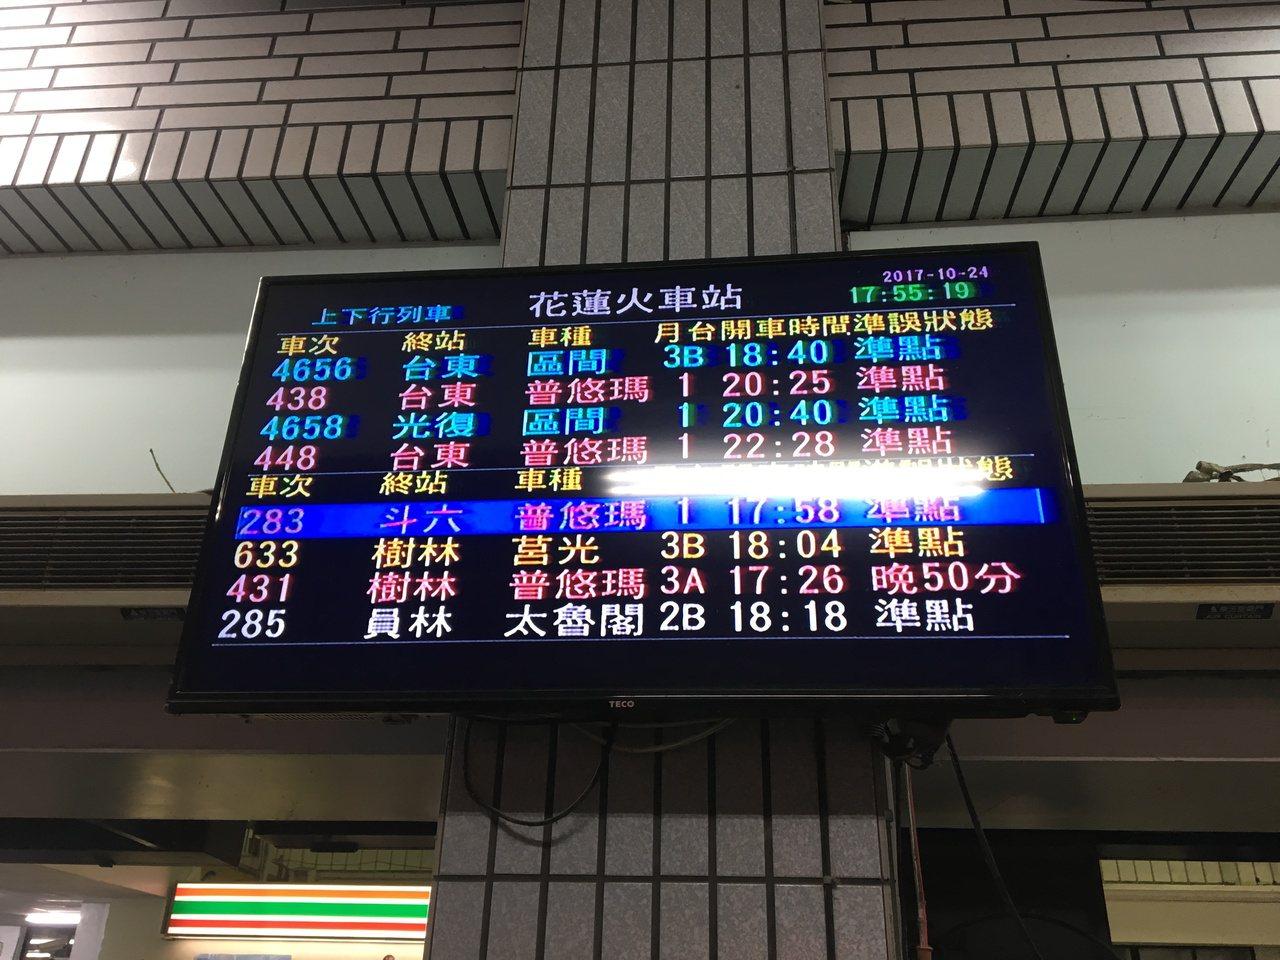 因火車出軌意外,行程因而慢了一小時。記者徐庭揚/攝影